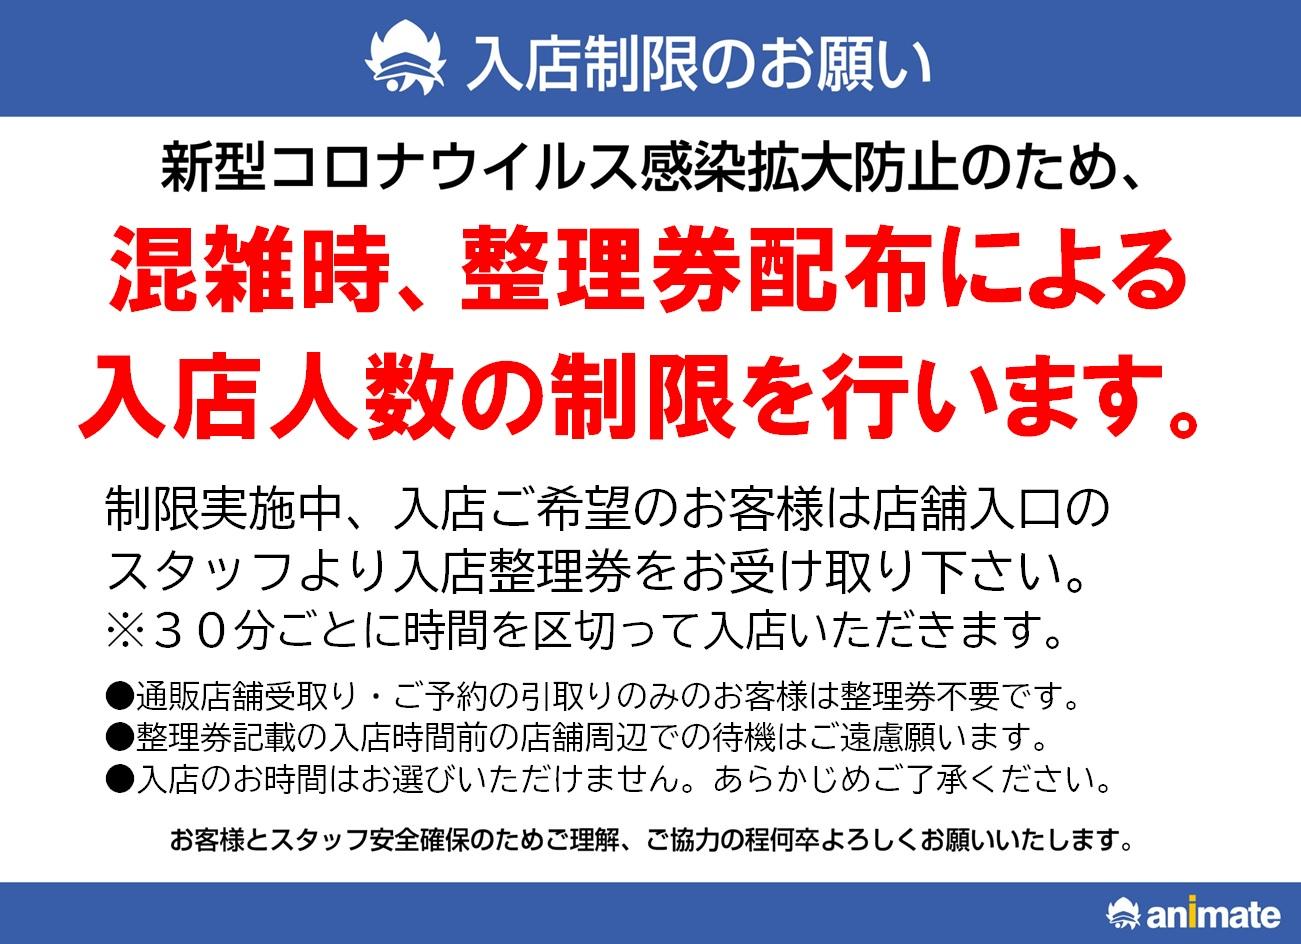 ご案内とお願い】混雑時の入店制限の実施について - アニメイト浜松